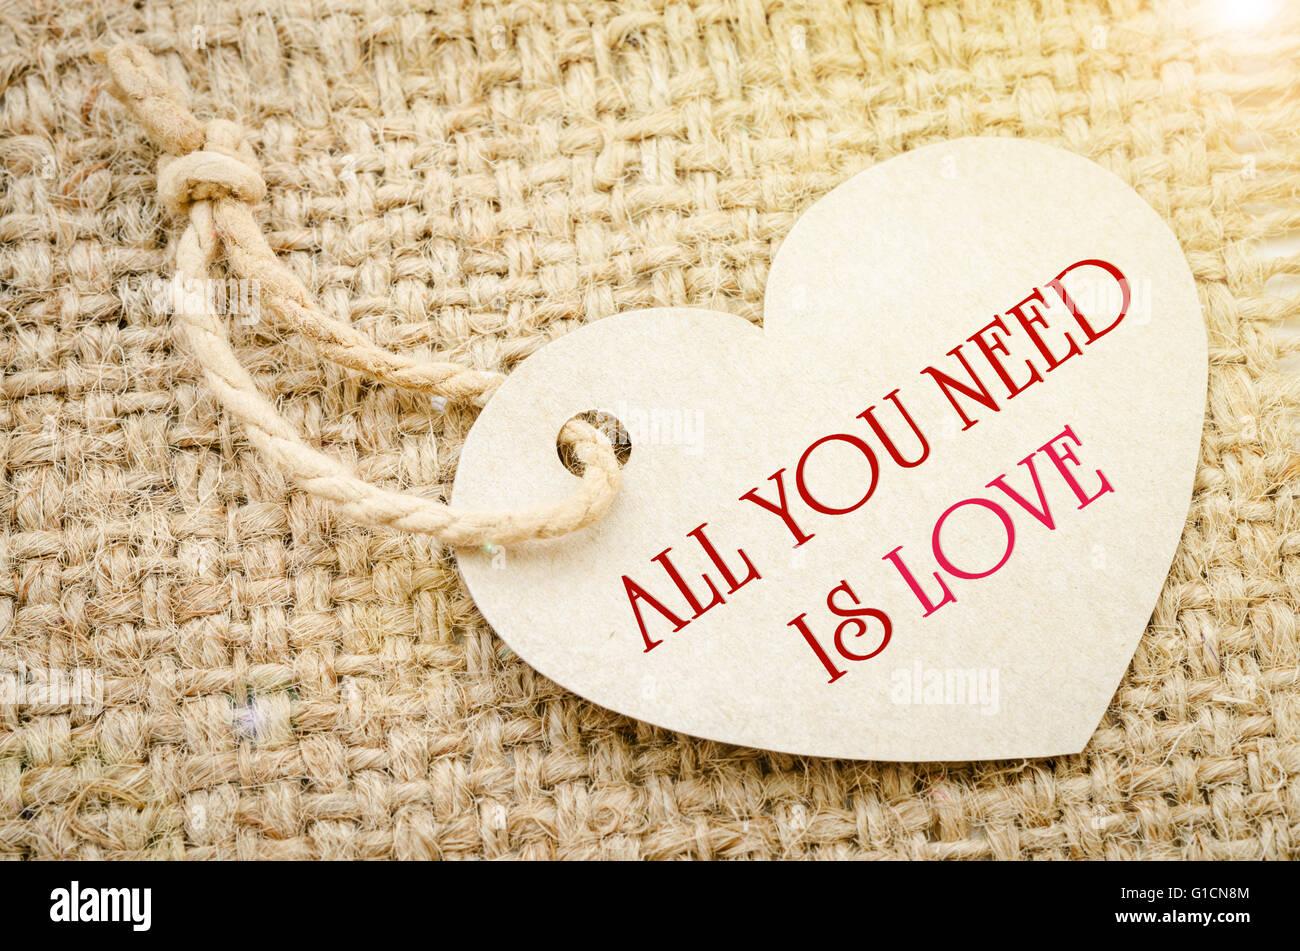 Tout ce qu'il vous faut, c'est l'amour sur du papier marron: tags Coeur de formes avec corde sur fond marron sac. Papier recyclé. Banque D'Images